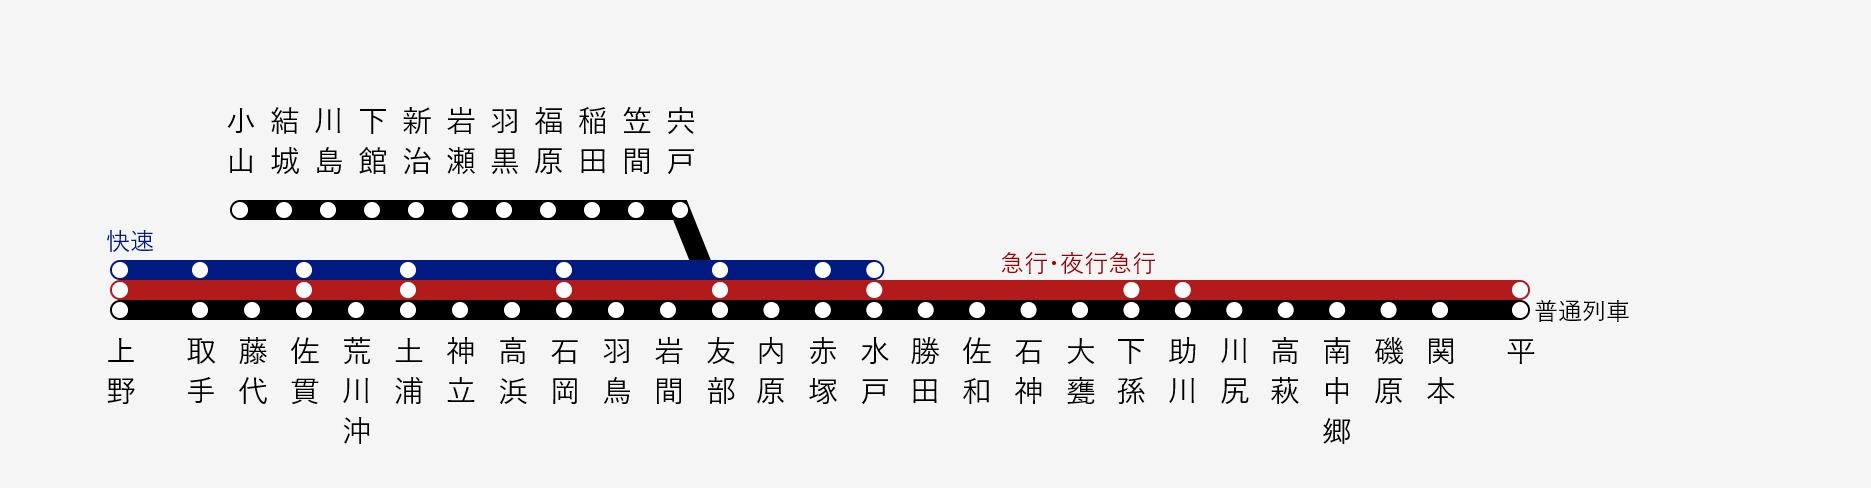 常磐線 系統図 1971.png